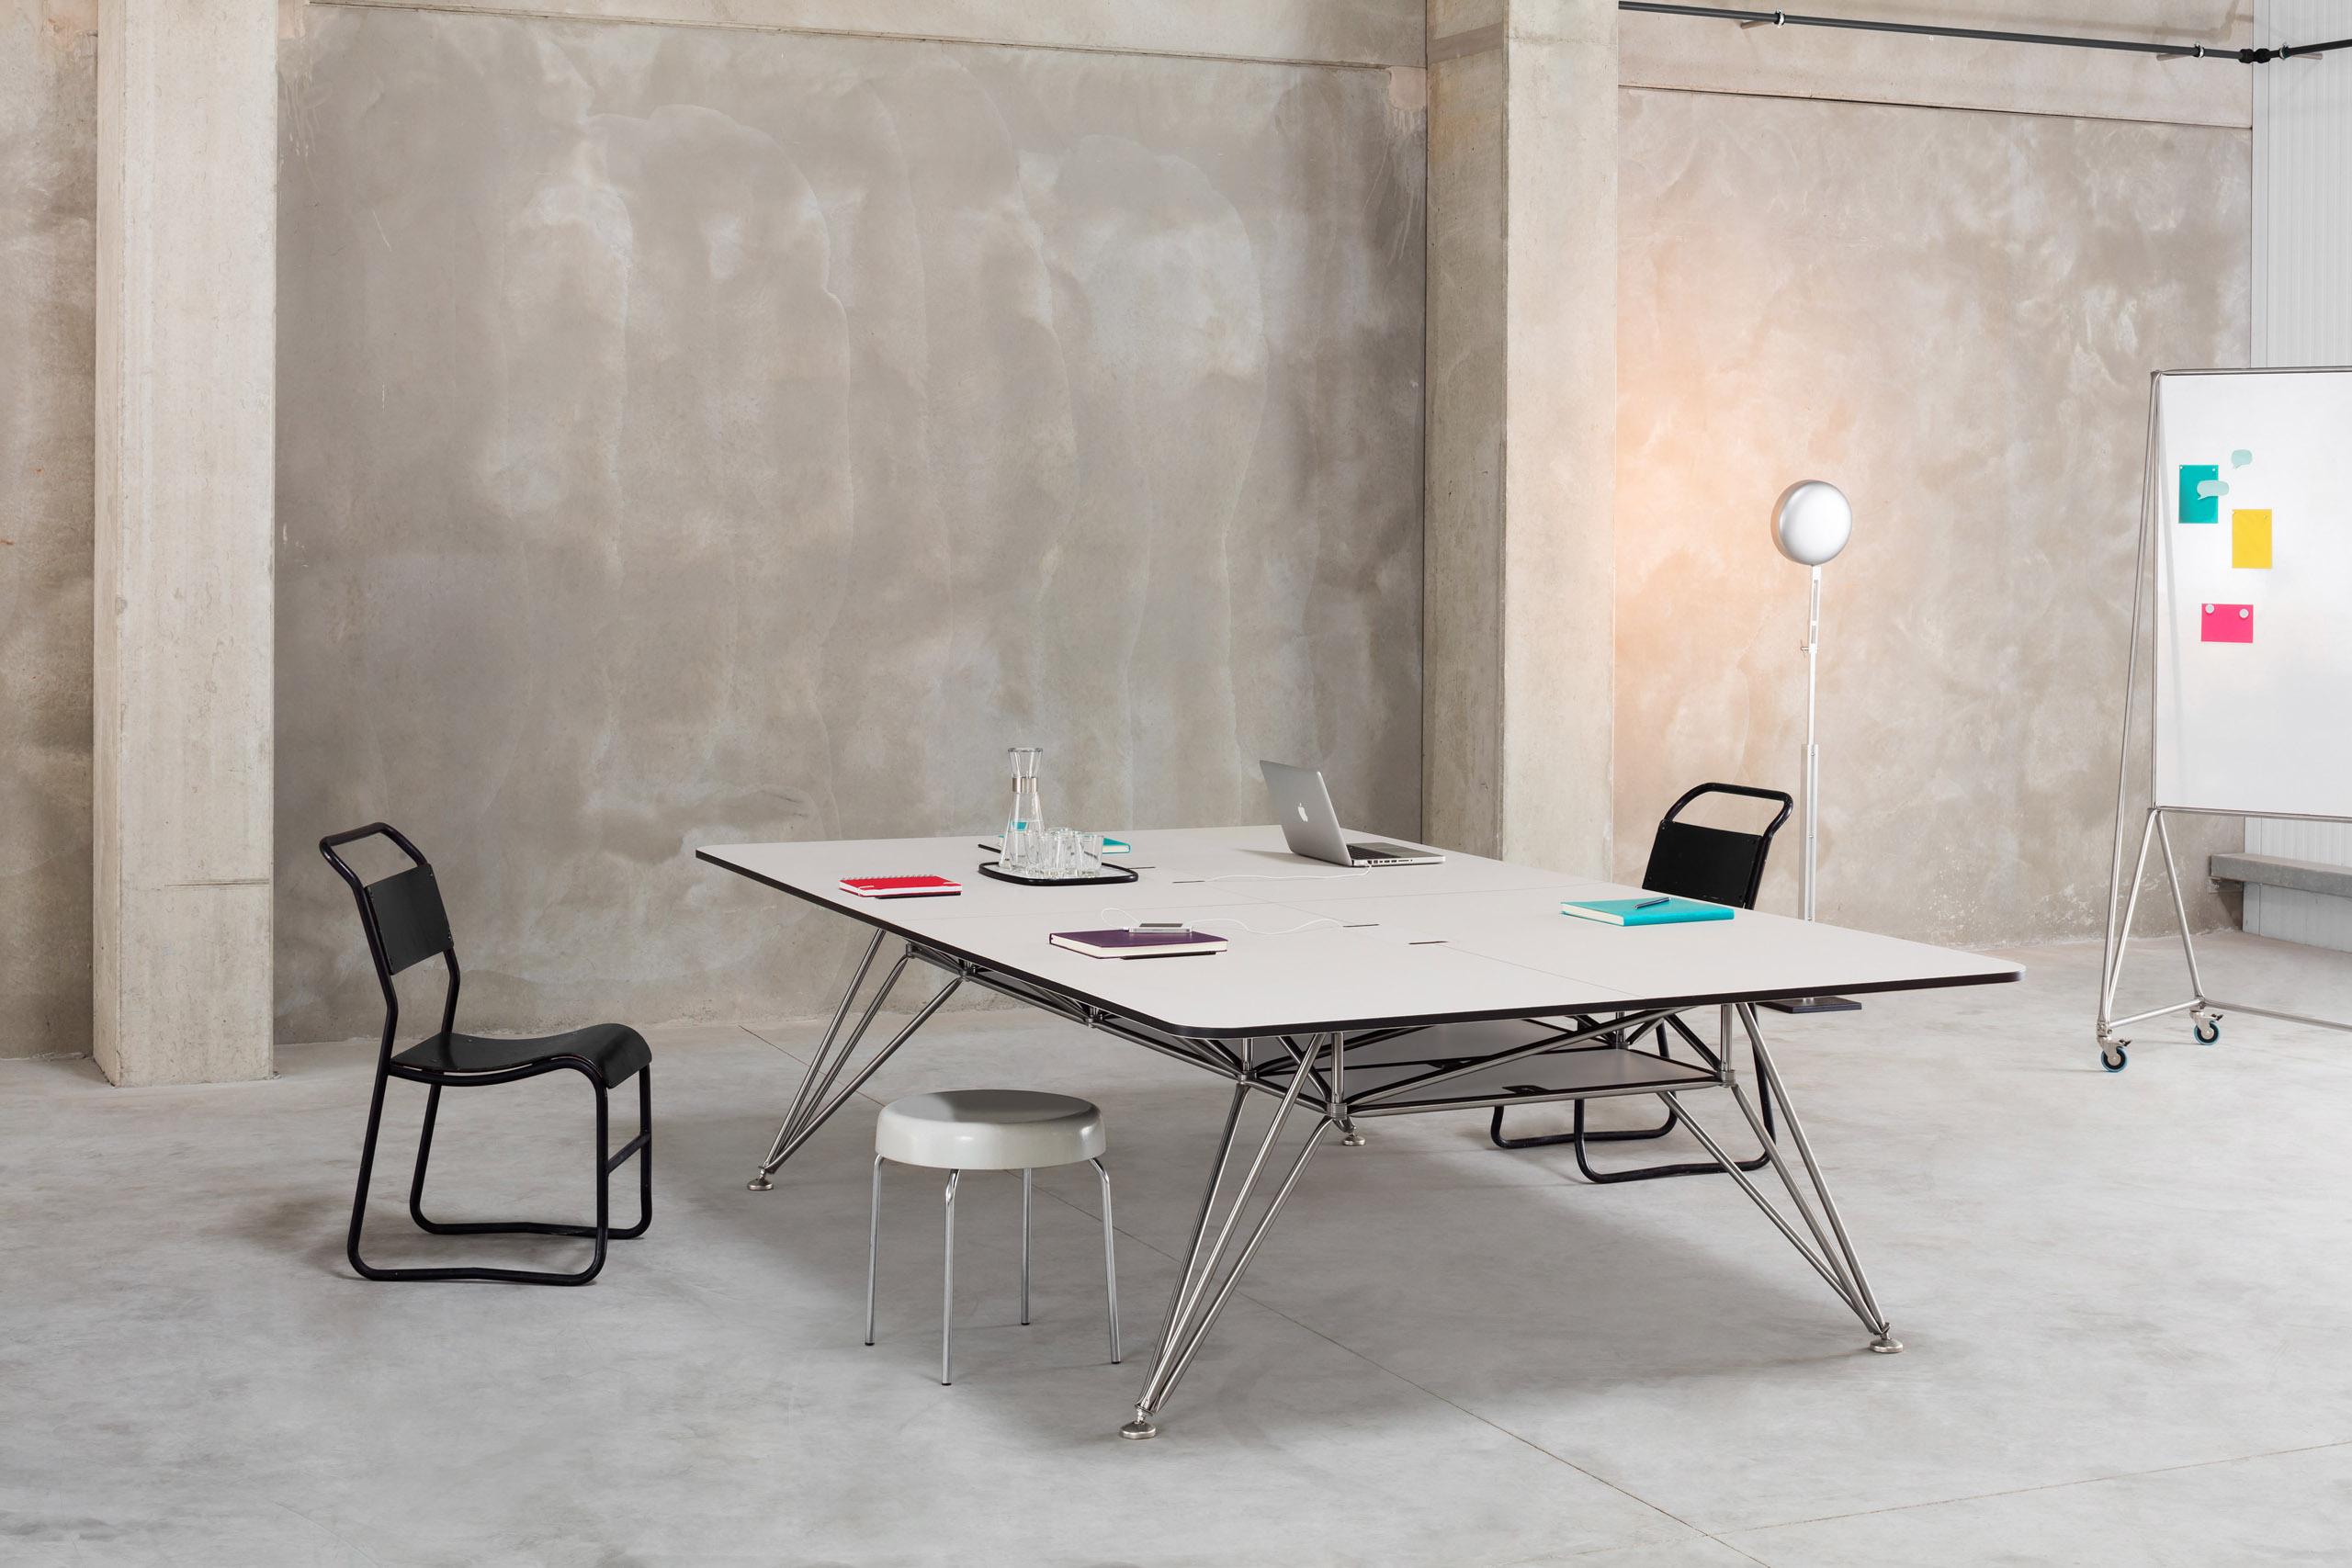 bilder k serie system 180 modulare einrichtung aus berlin. Black Bedroom Furniture Sets. Home Design Ideas